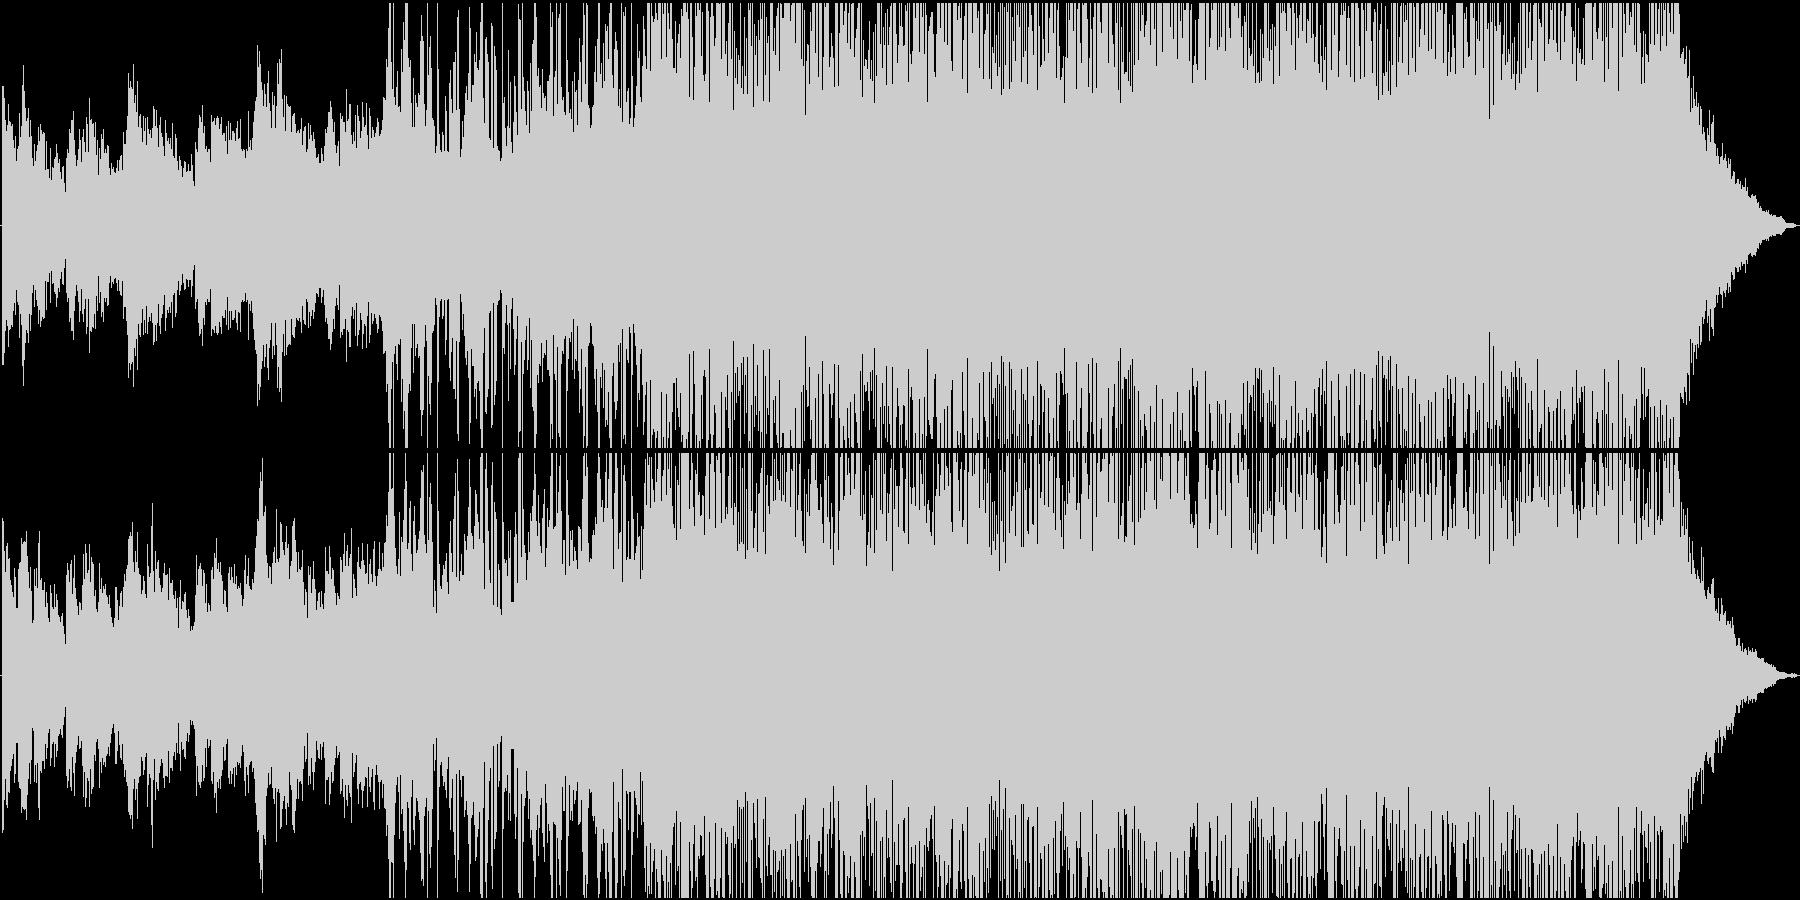 母なる星を連想させるエレクトロニカの未再生の波形